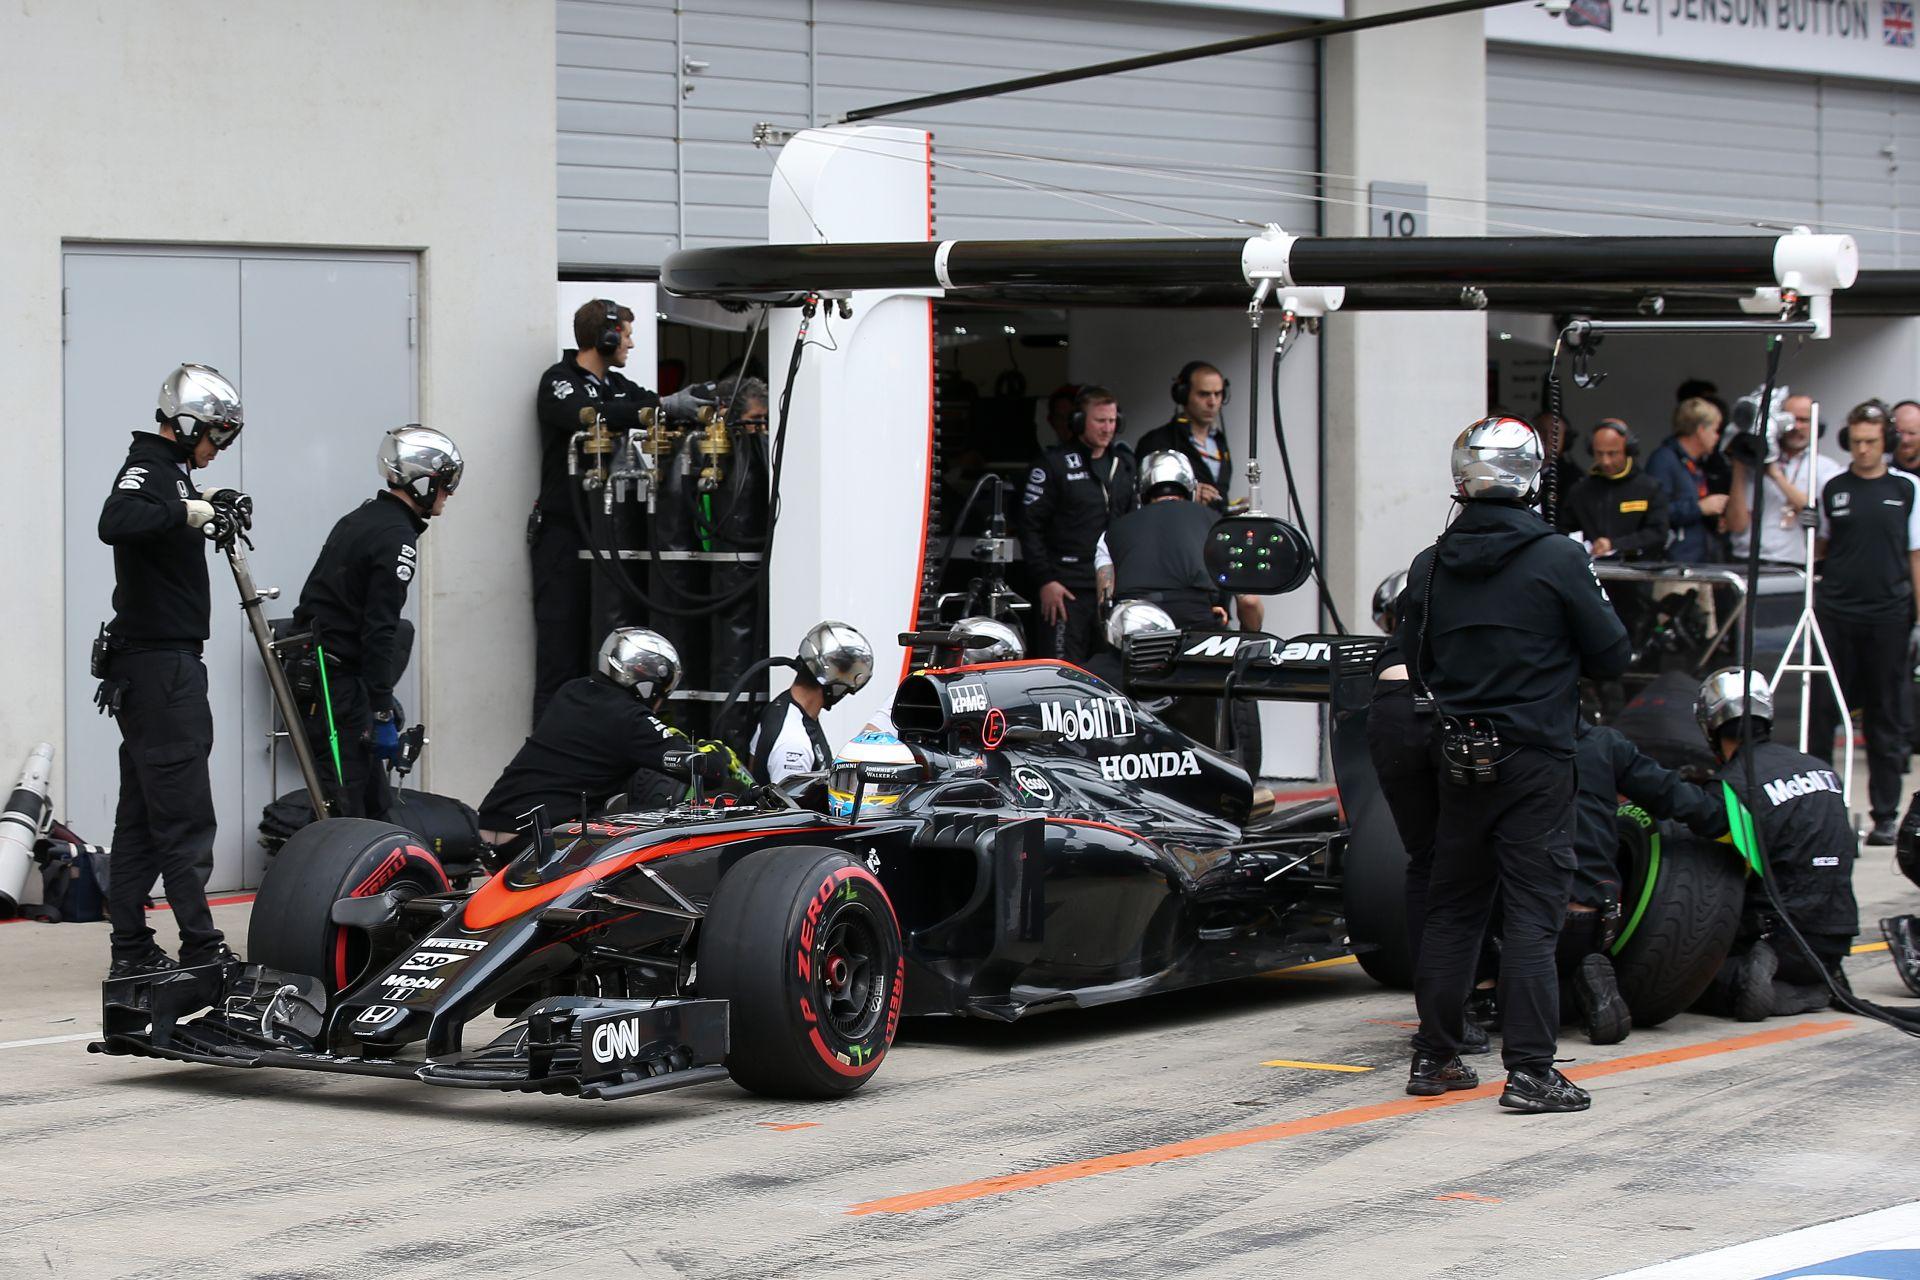 Egy másodperc még biztosan van Alonso és Button McLaren-Hondájában: Dobogóra állnának, még idén!